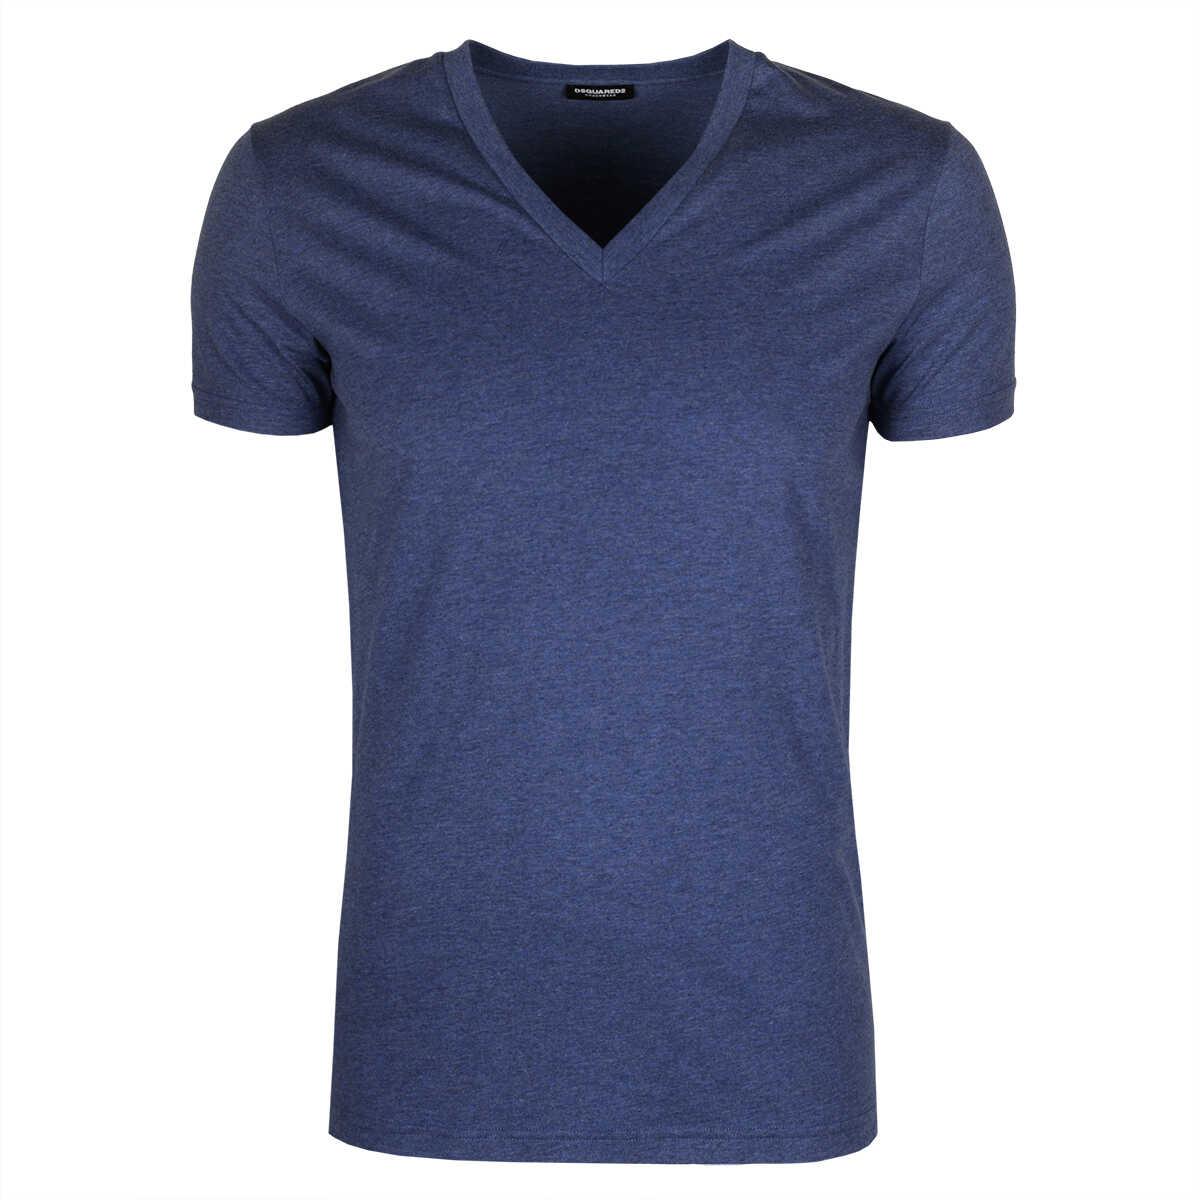 DSQUARED2 T-shirt Niebieski